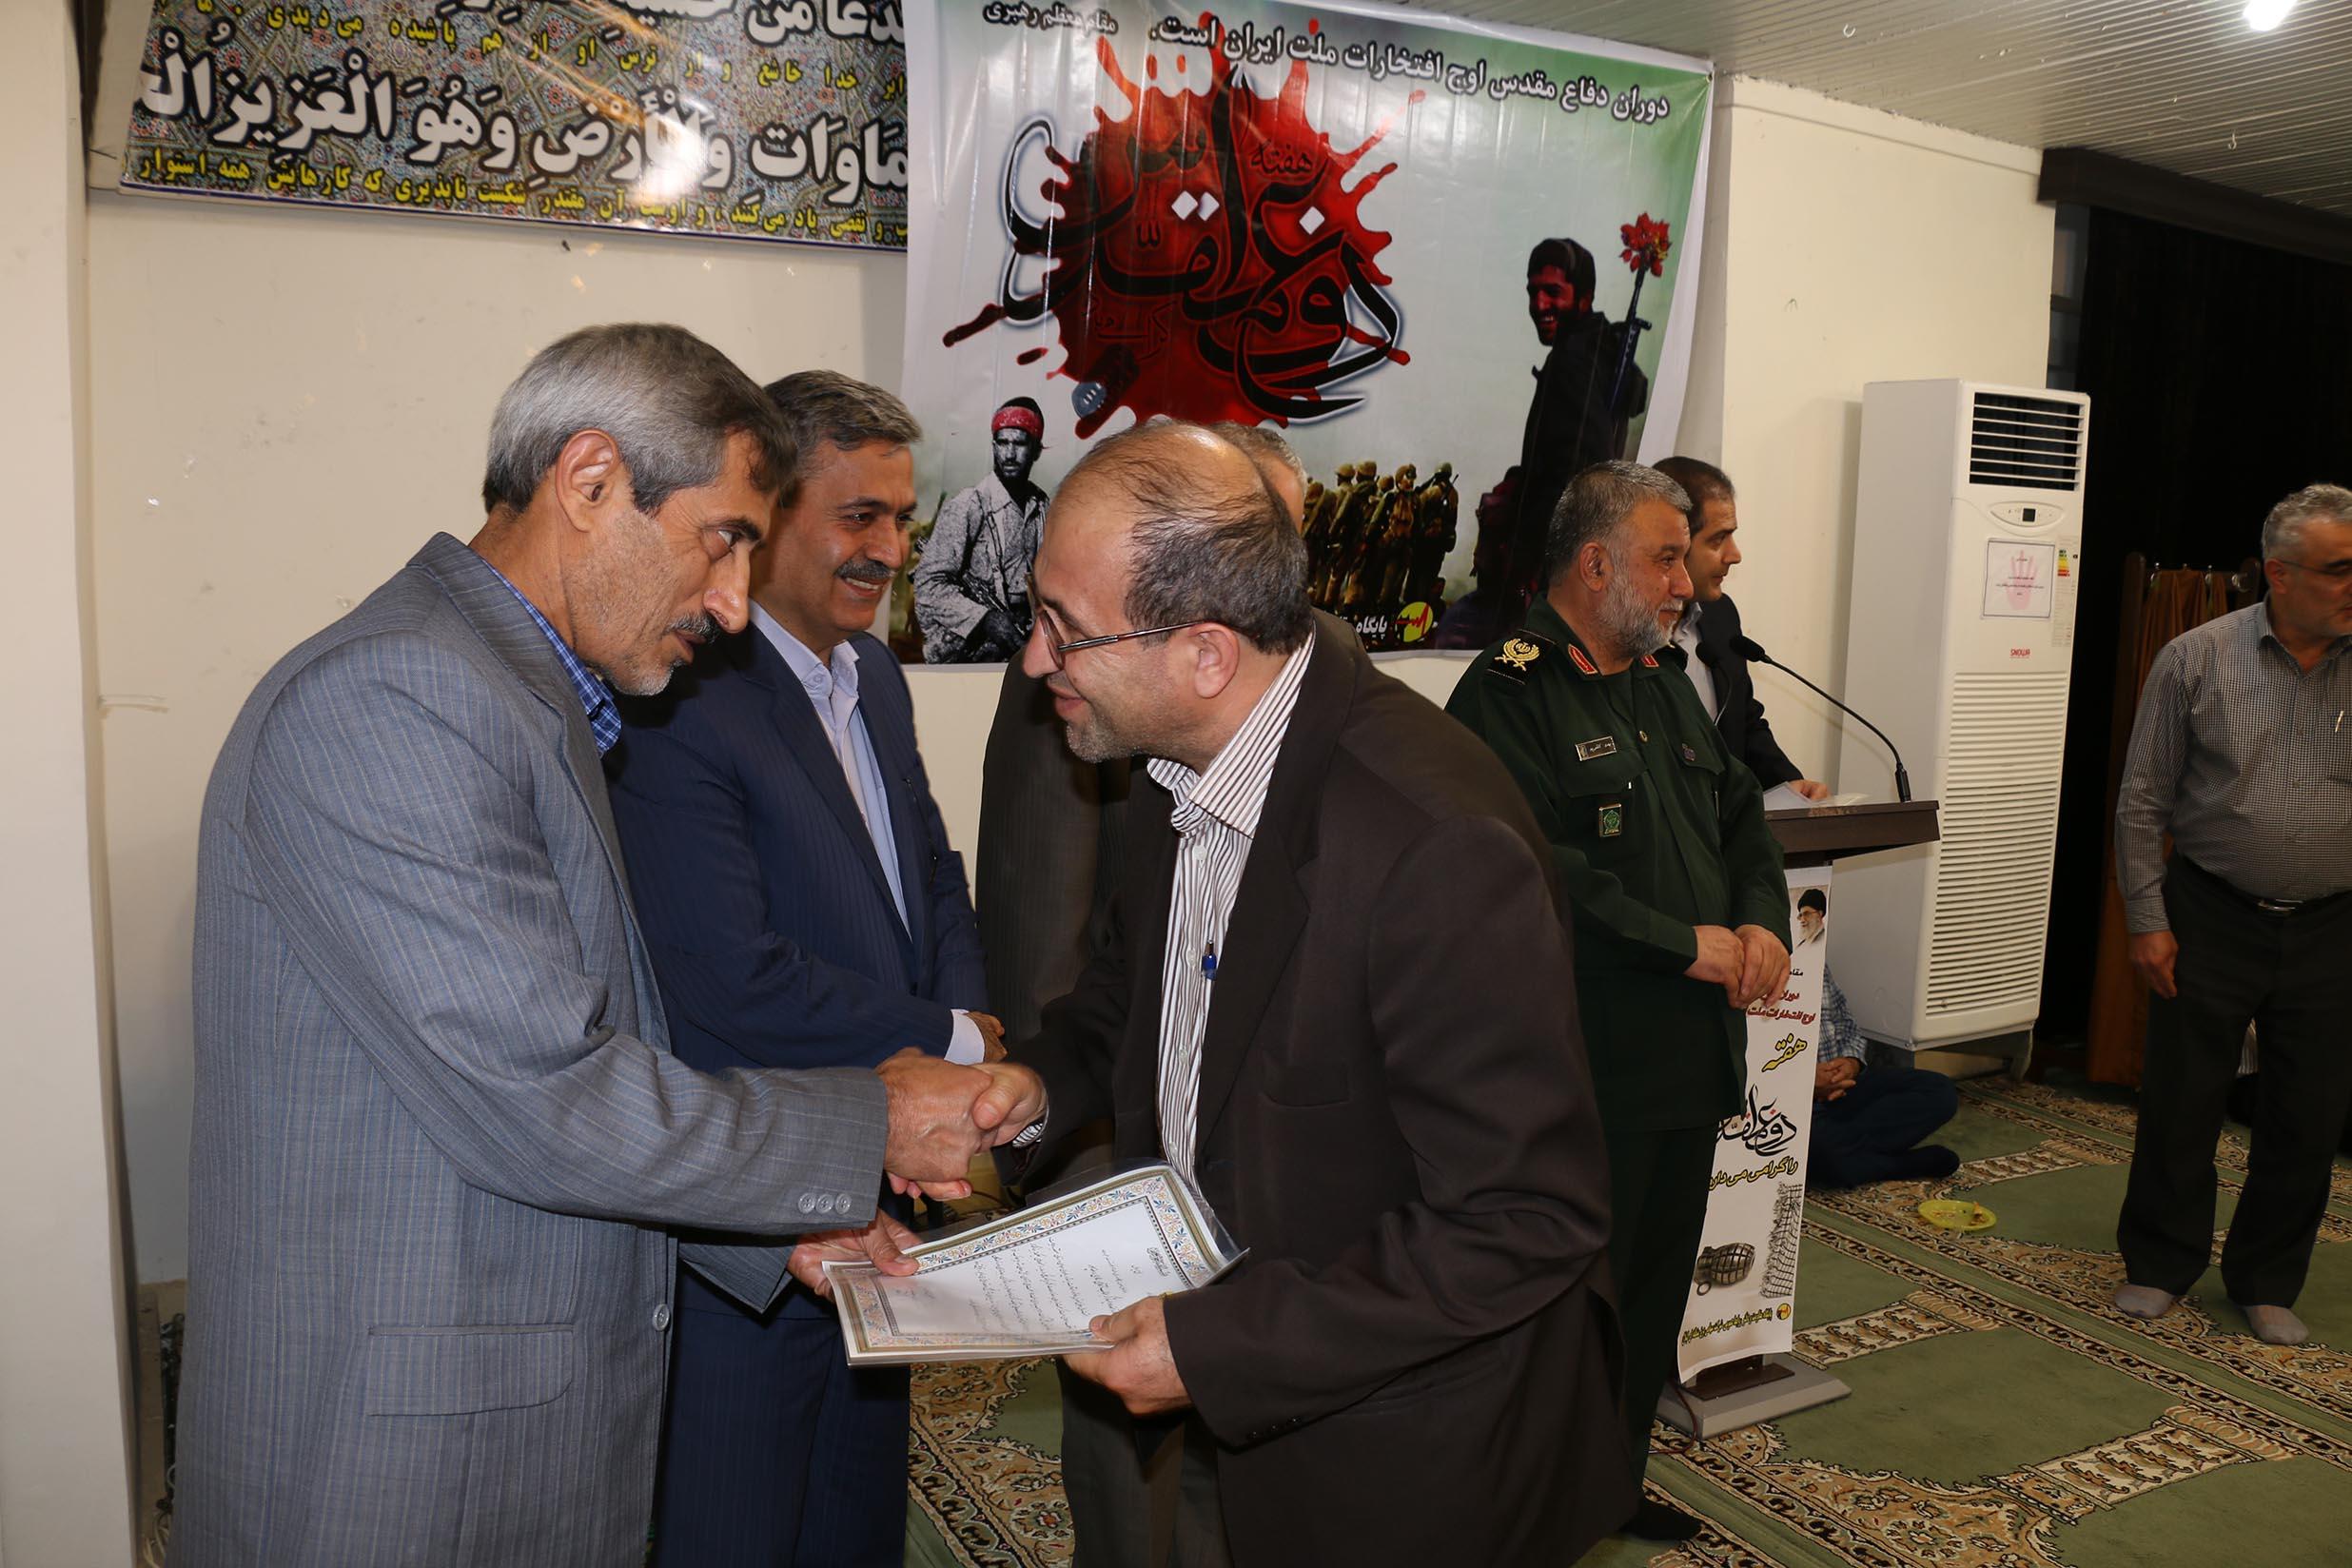 جمهوری اسلامی با دستاوردهای دفاع مقدس بیمه شد